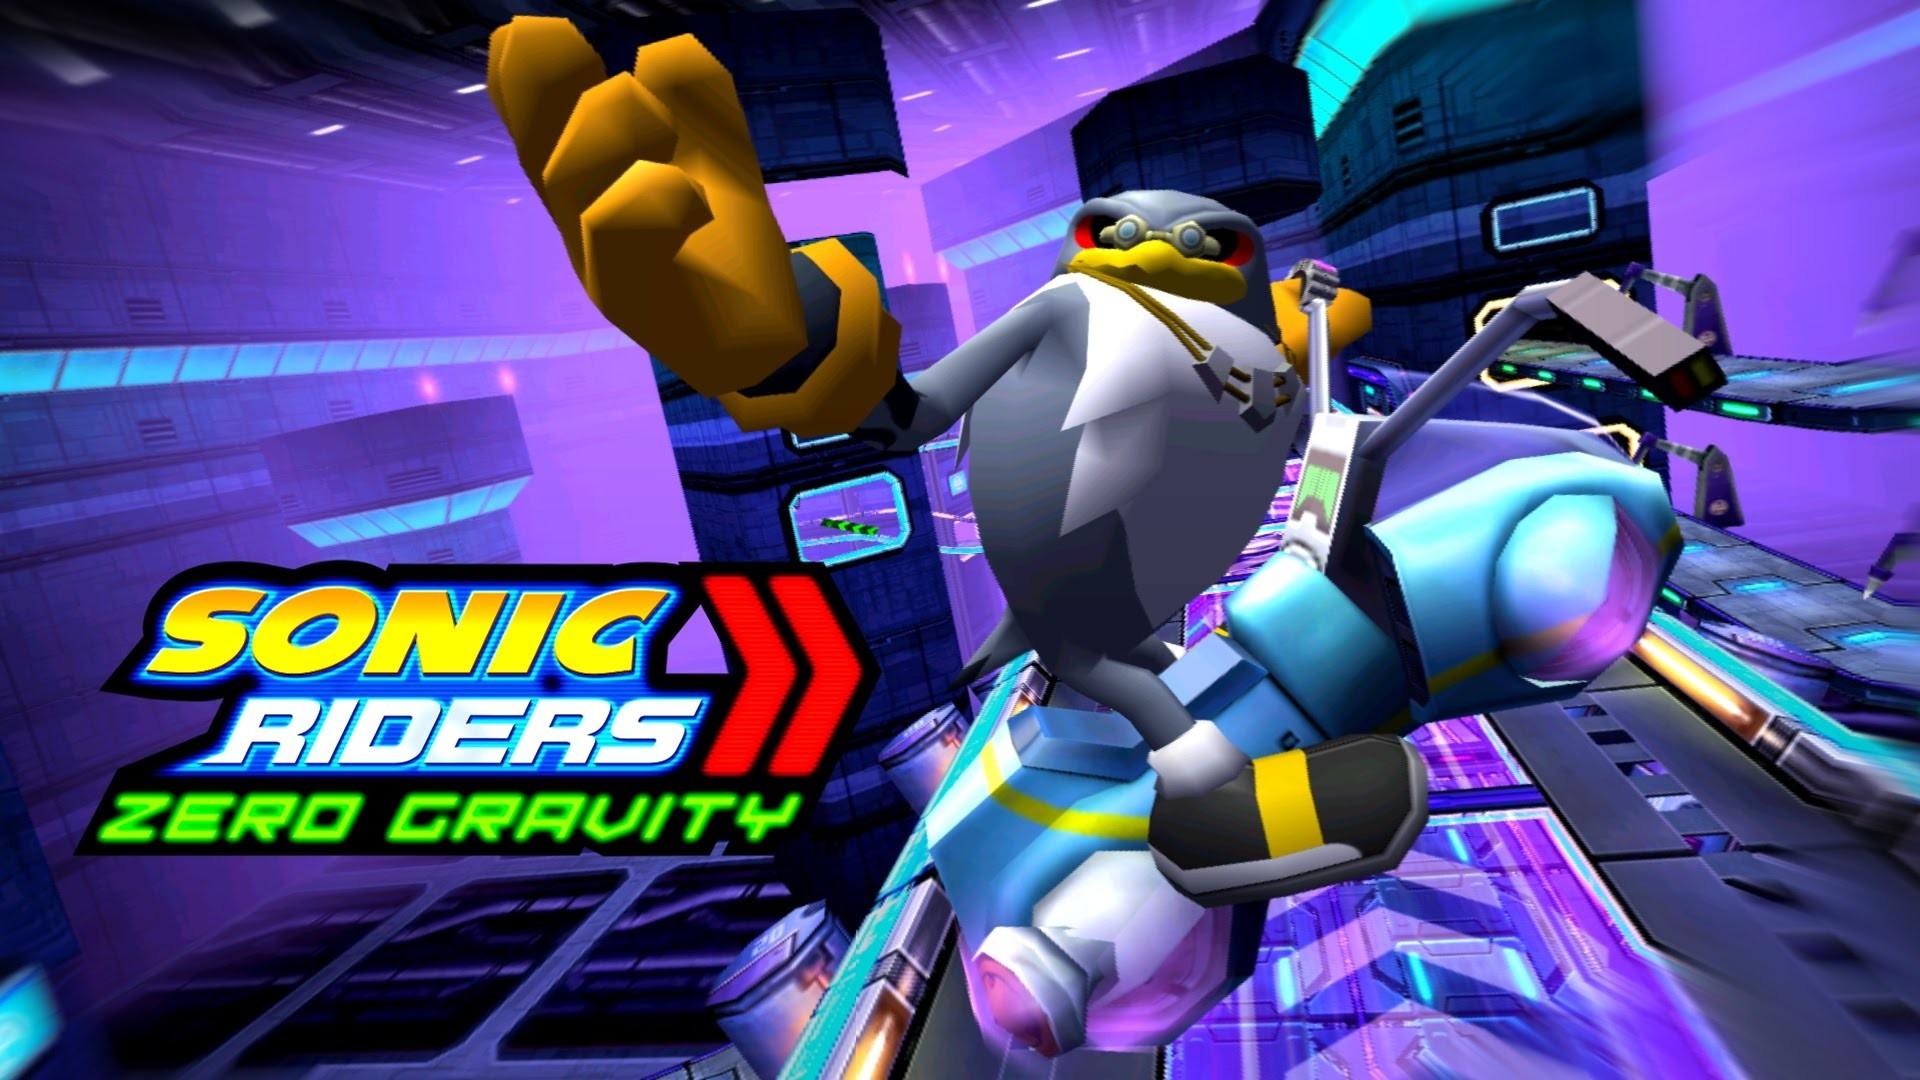 Sonic Riders Zero Gravity – MeteorTech Premises – Storm 4K 60 FPS – YouTube